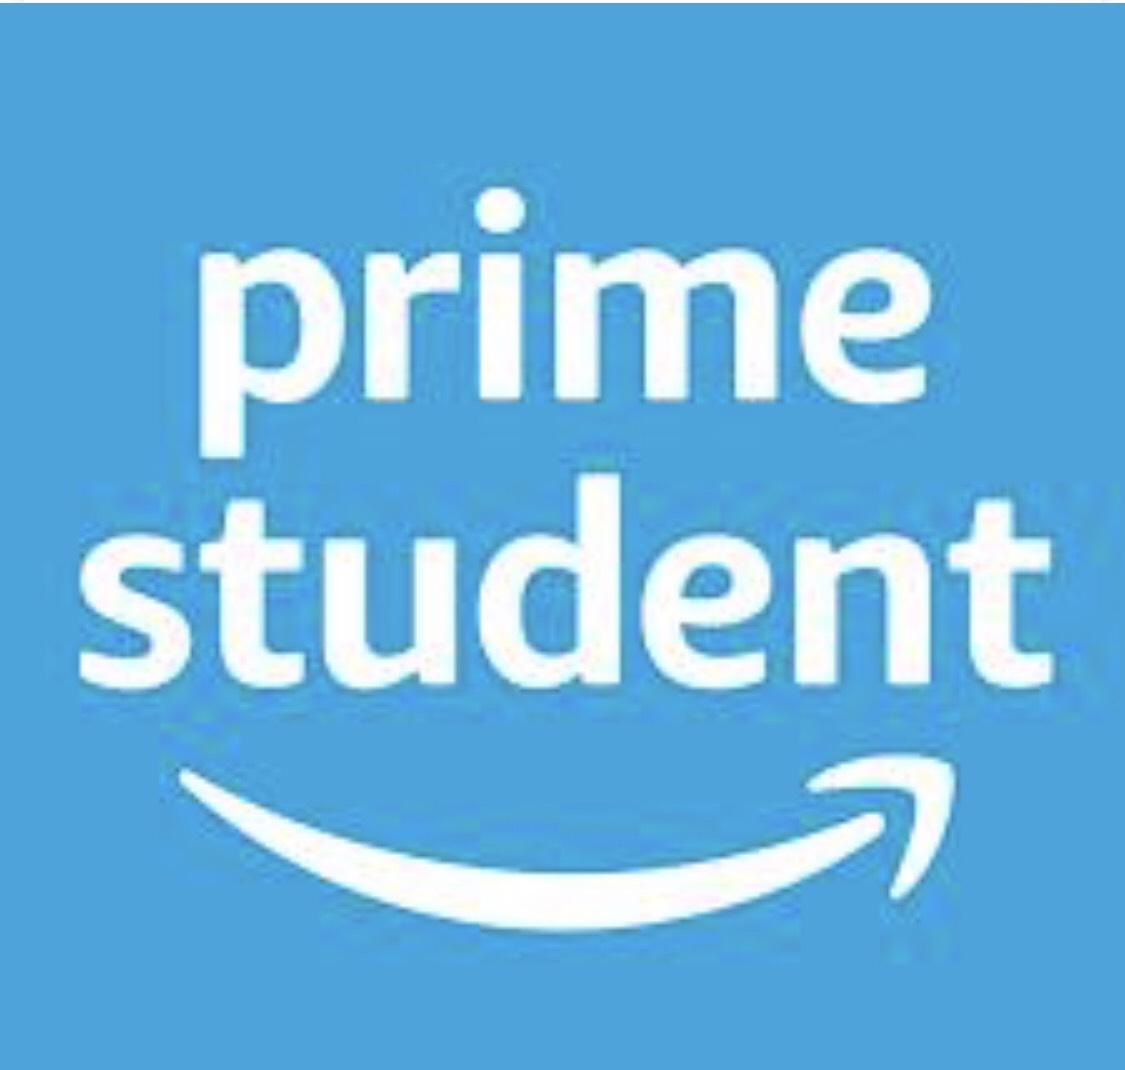 UNI WUPPERTAL- Amazon Prime für 12 Monate kostenlos vor der Cafeteria in der UNI WUPPERTAL